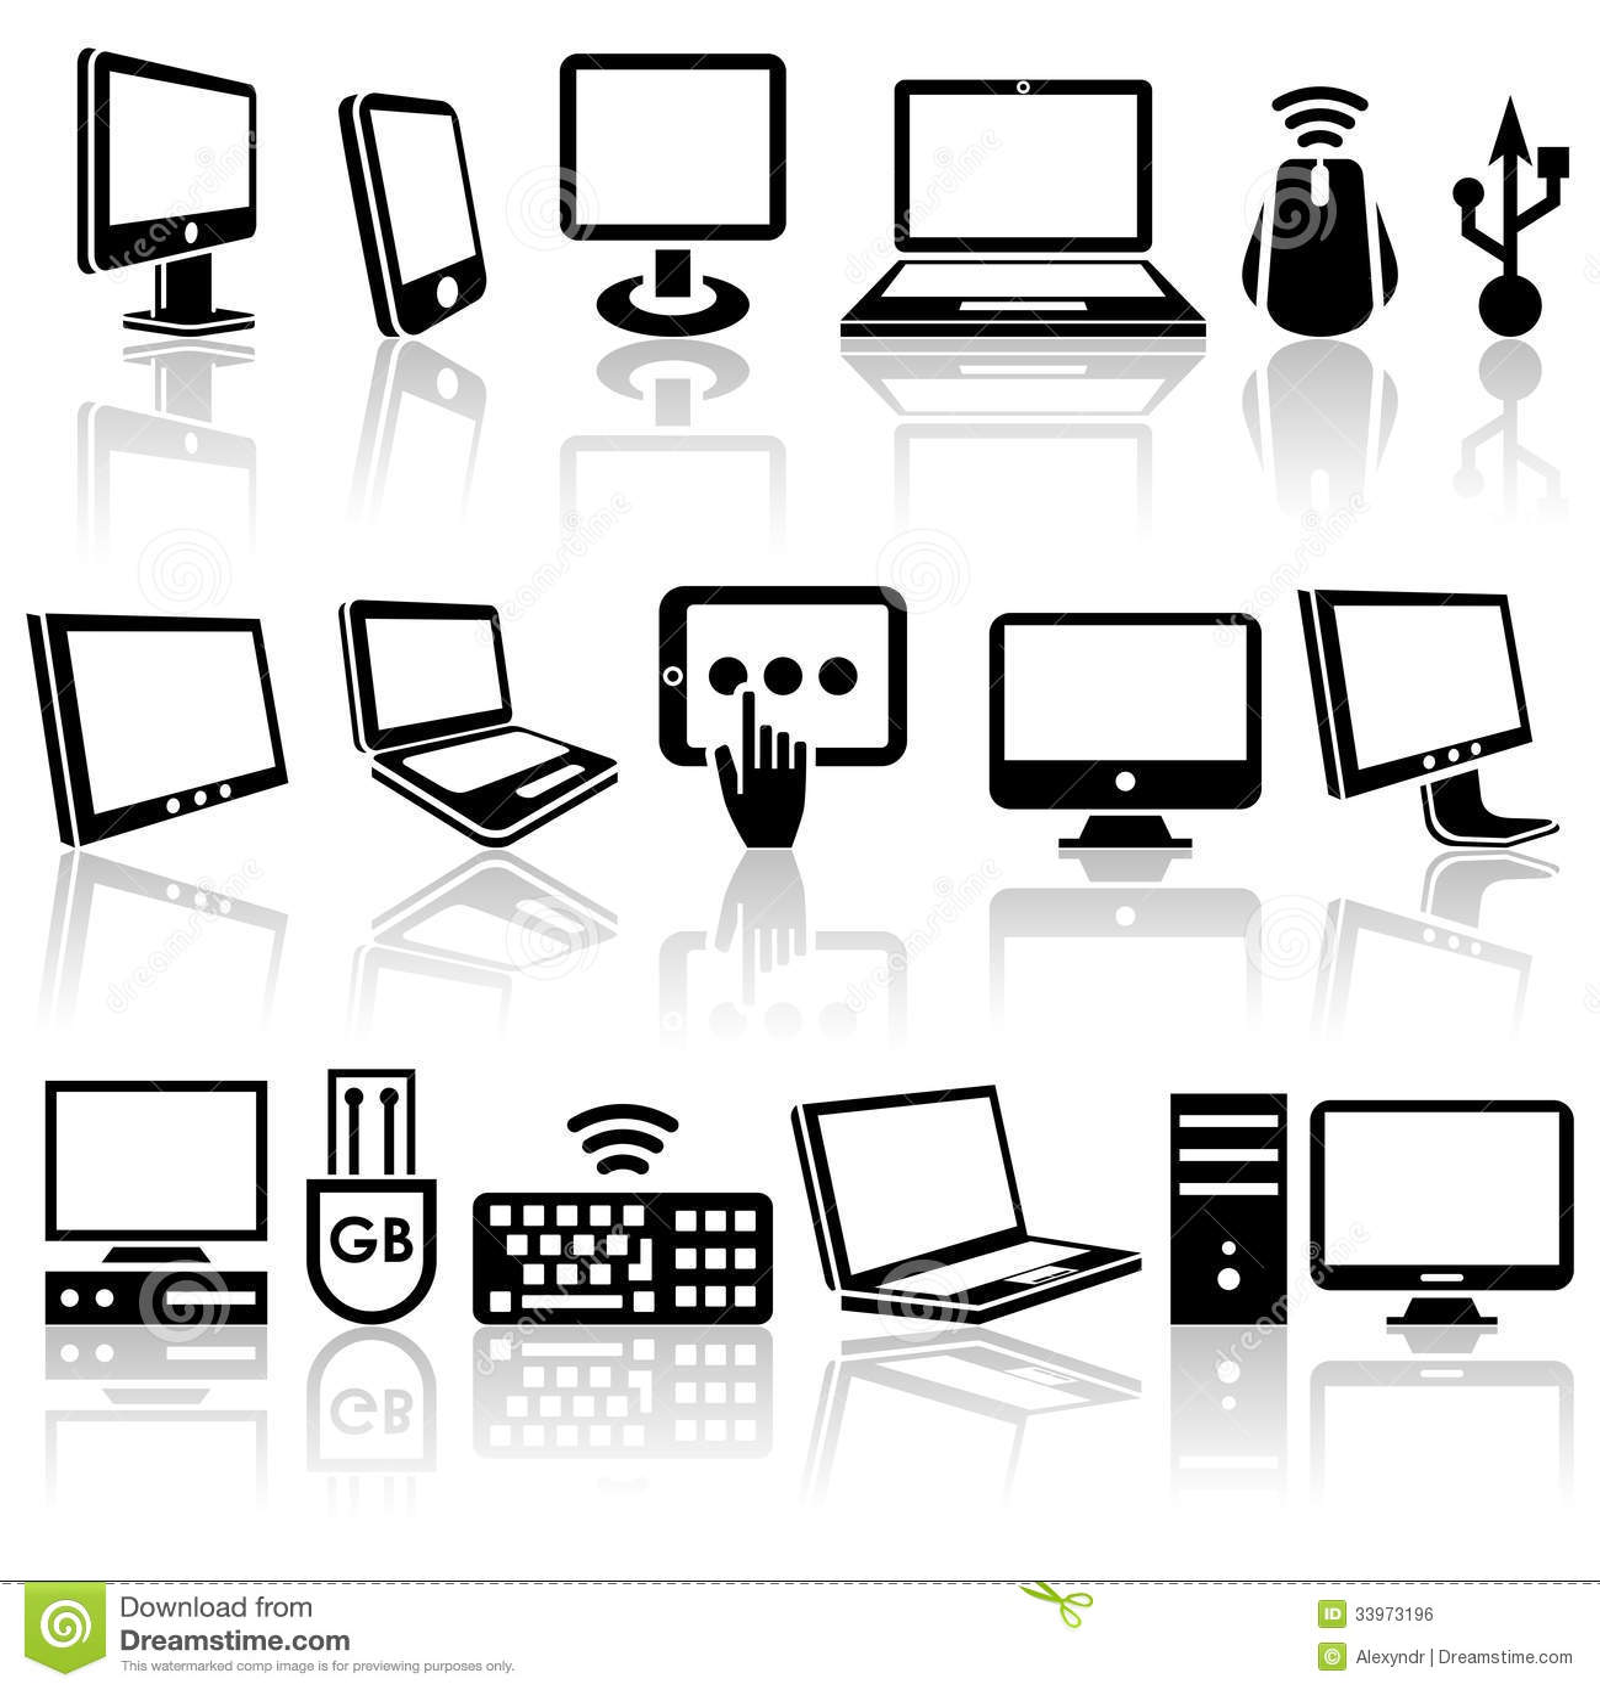 Значки на компьютере скачать бесплатно